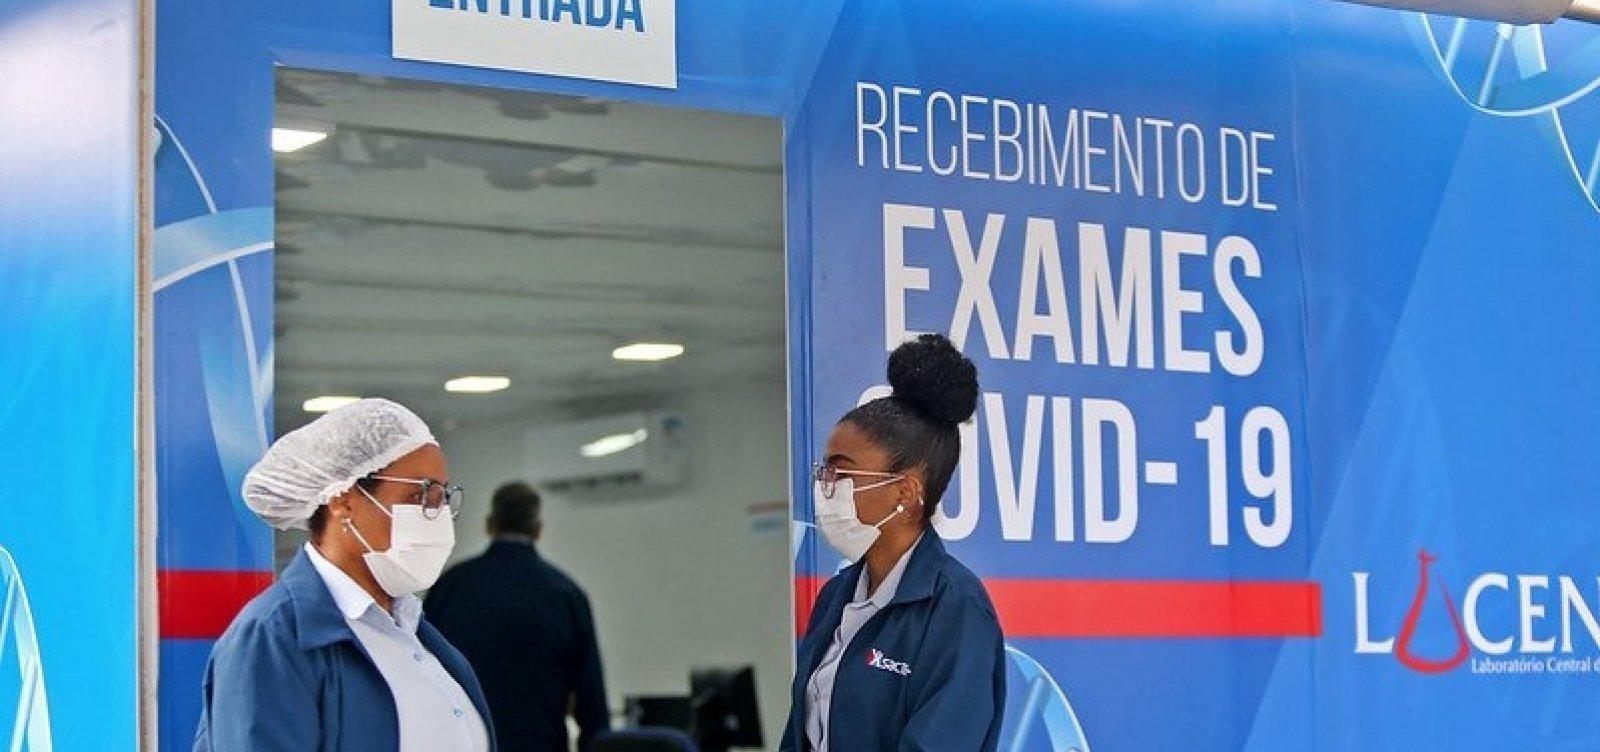 Bahia registra mais 1.590 casos de Covid-19 e 23 mortes pela doença nas últimas 24h